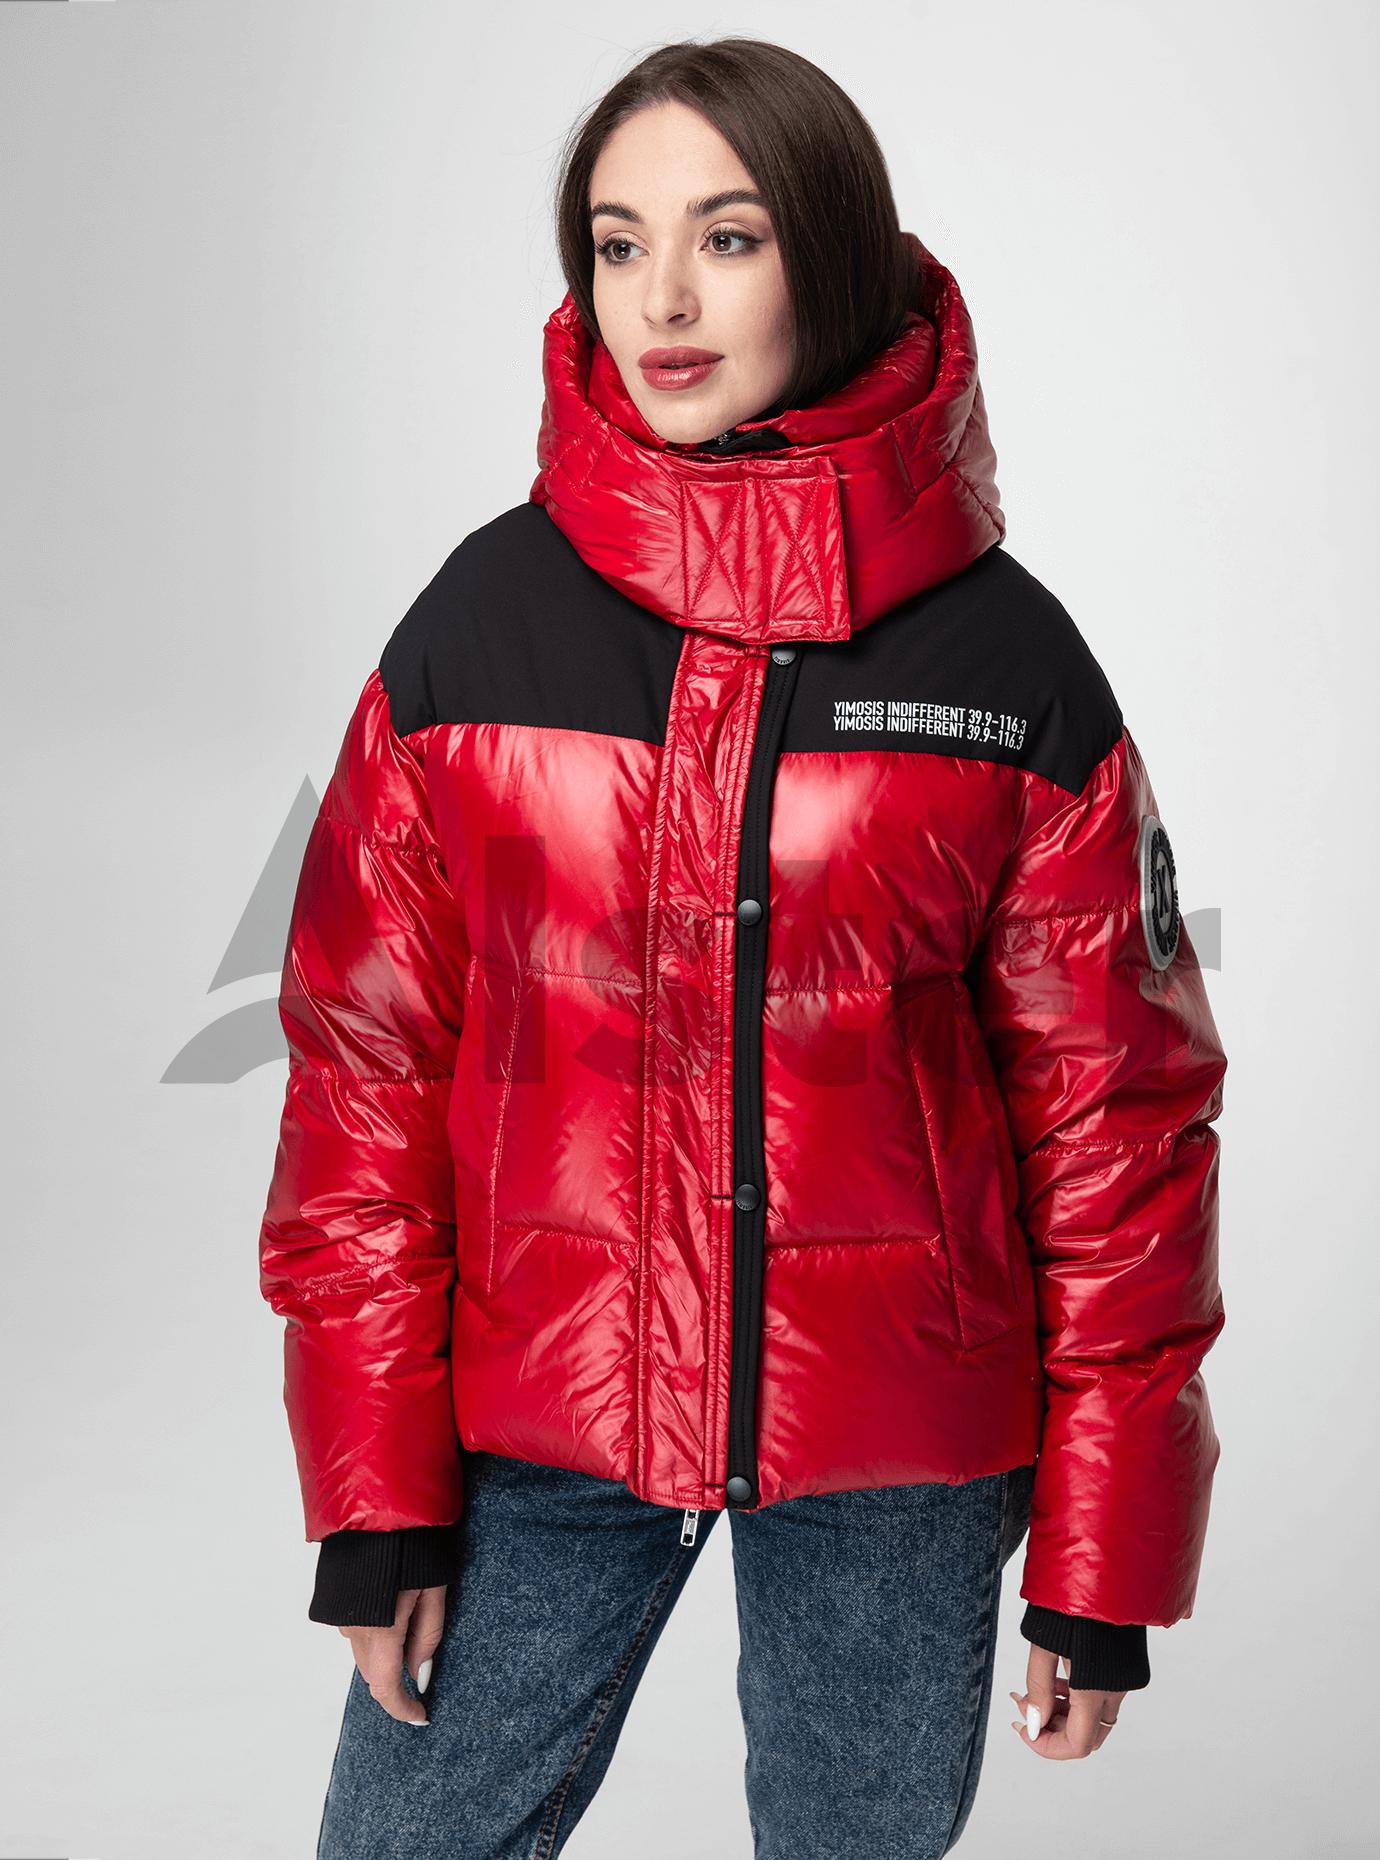 Пуховик женский короткий с капюшоном Красный L (02-Y191120): фото - Alster.ua